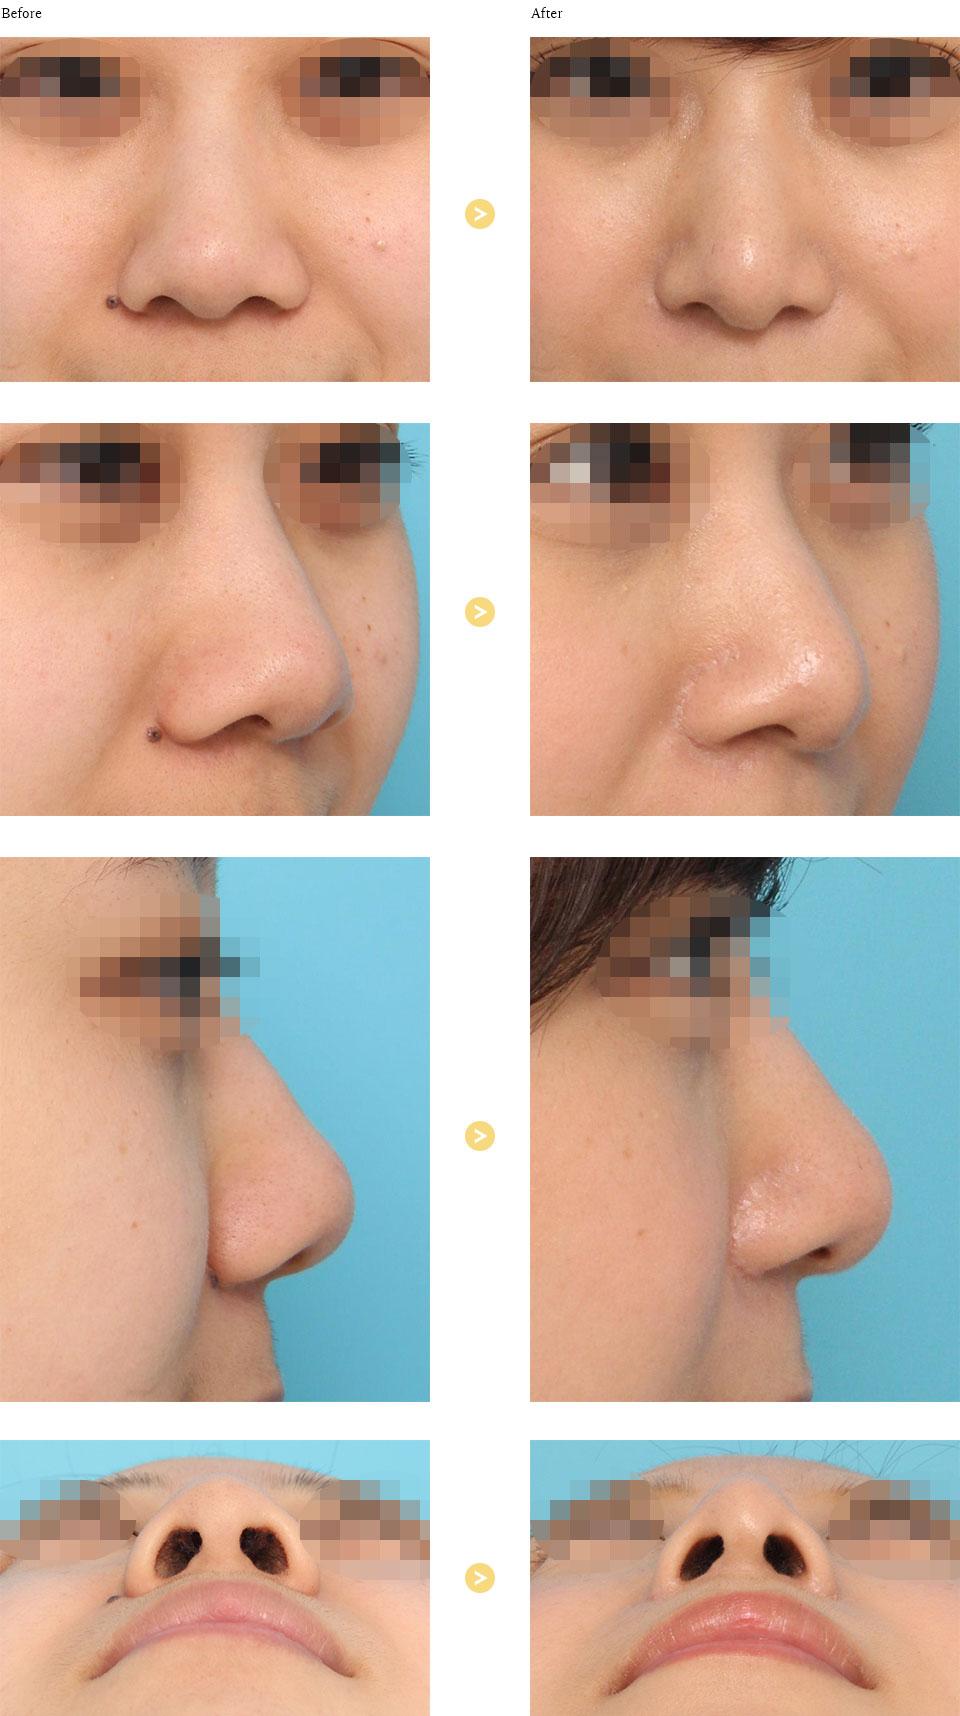 鼻翼縮小の症例